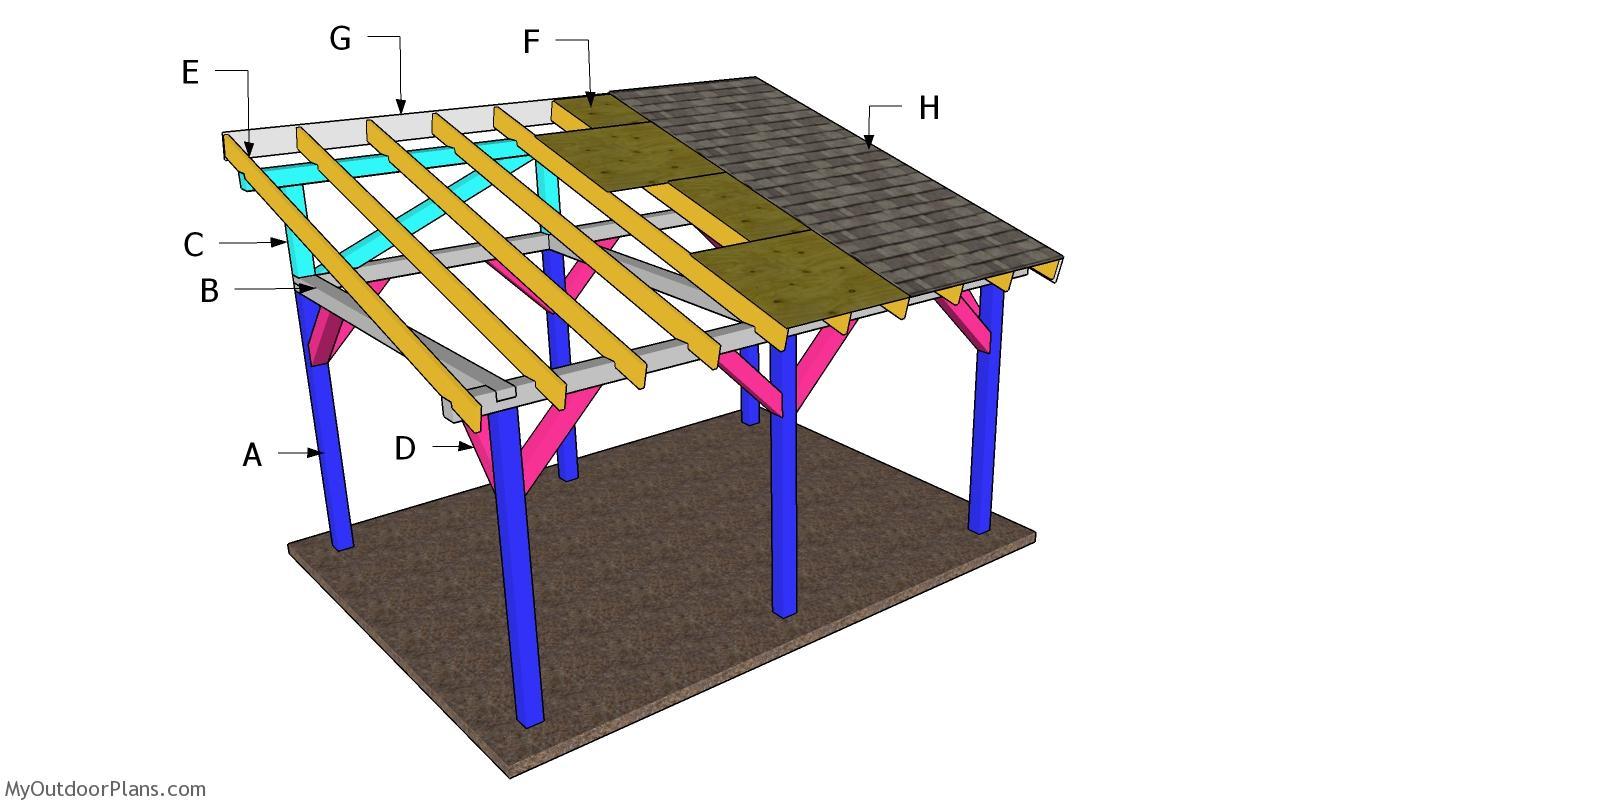 12x16 Lean to Pavilion Roof Plans